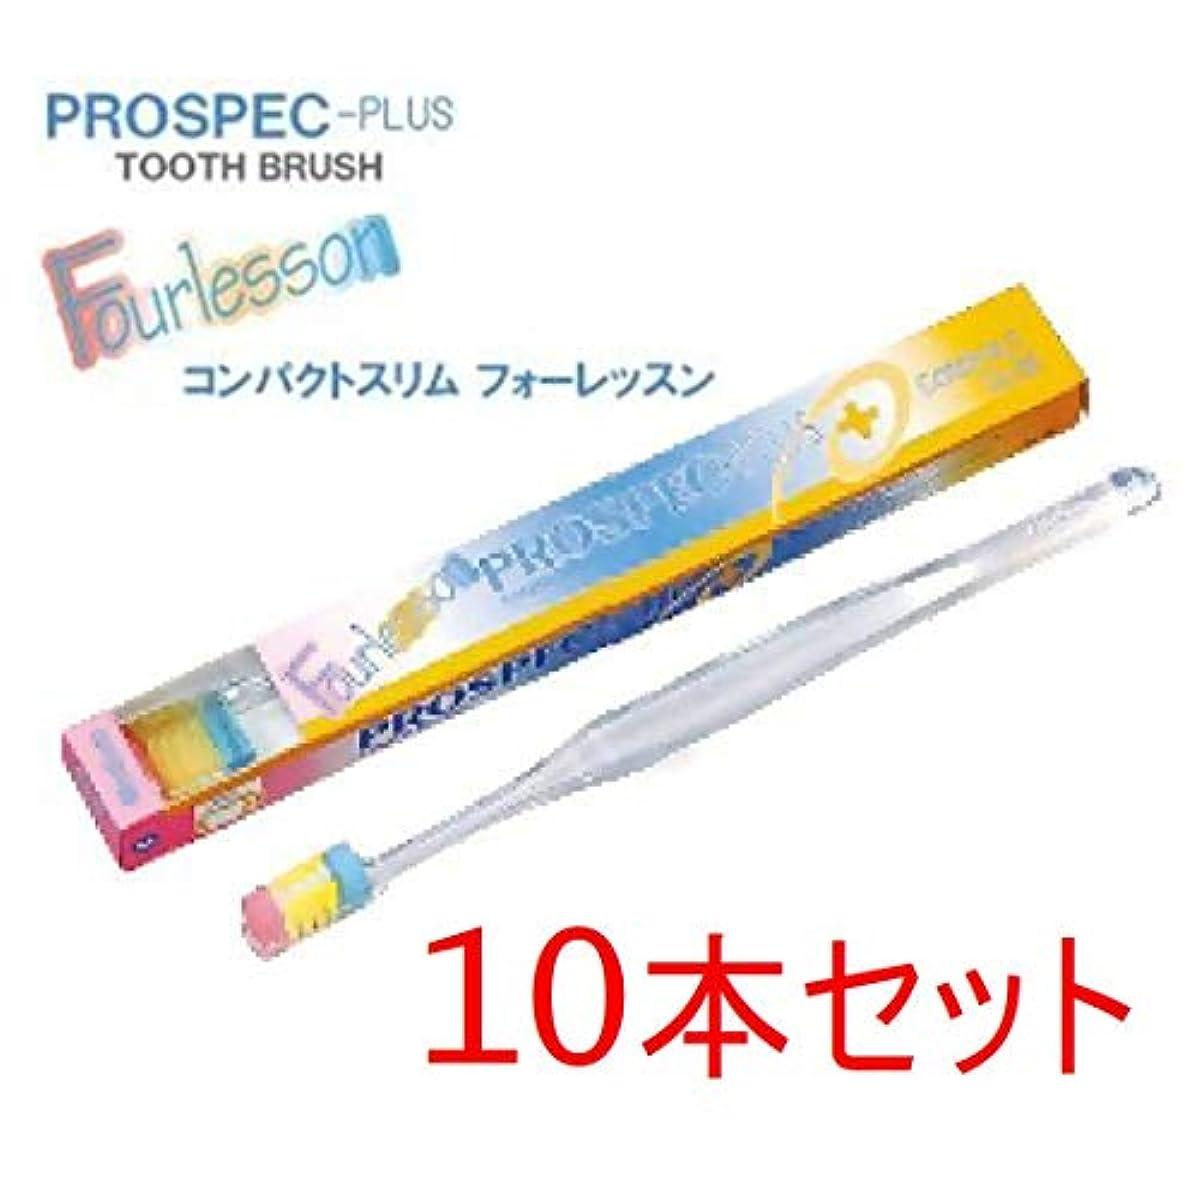 地震ヘッドレス判決プロスペック 歯ブラシ コンパクトスリム 10本 フォーレッスン 毛の硬さ ふつう